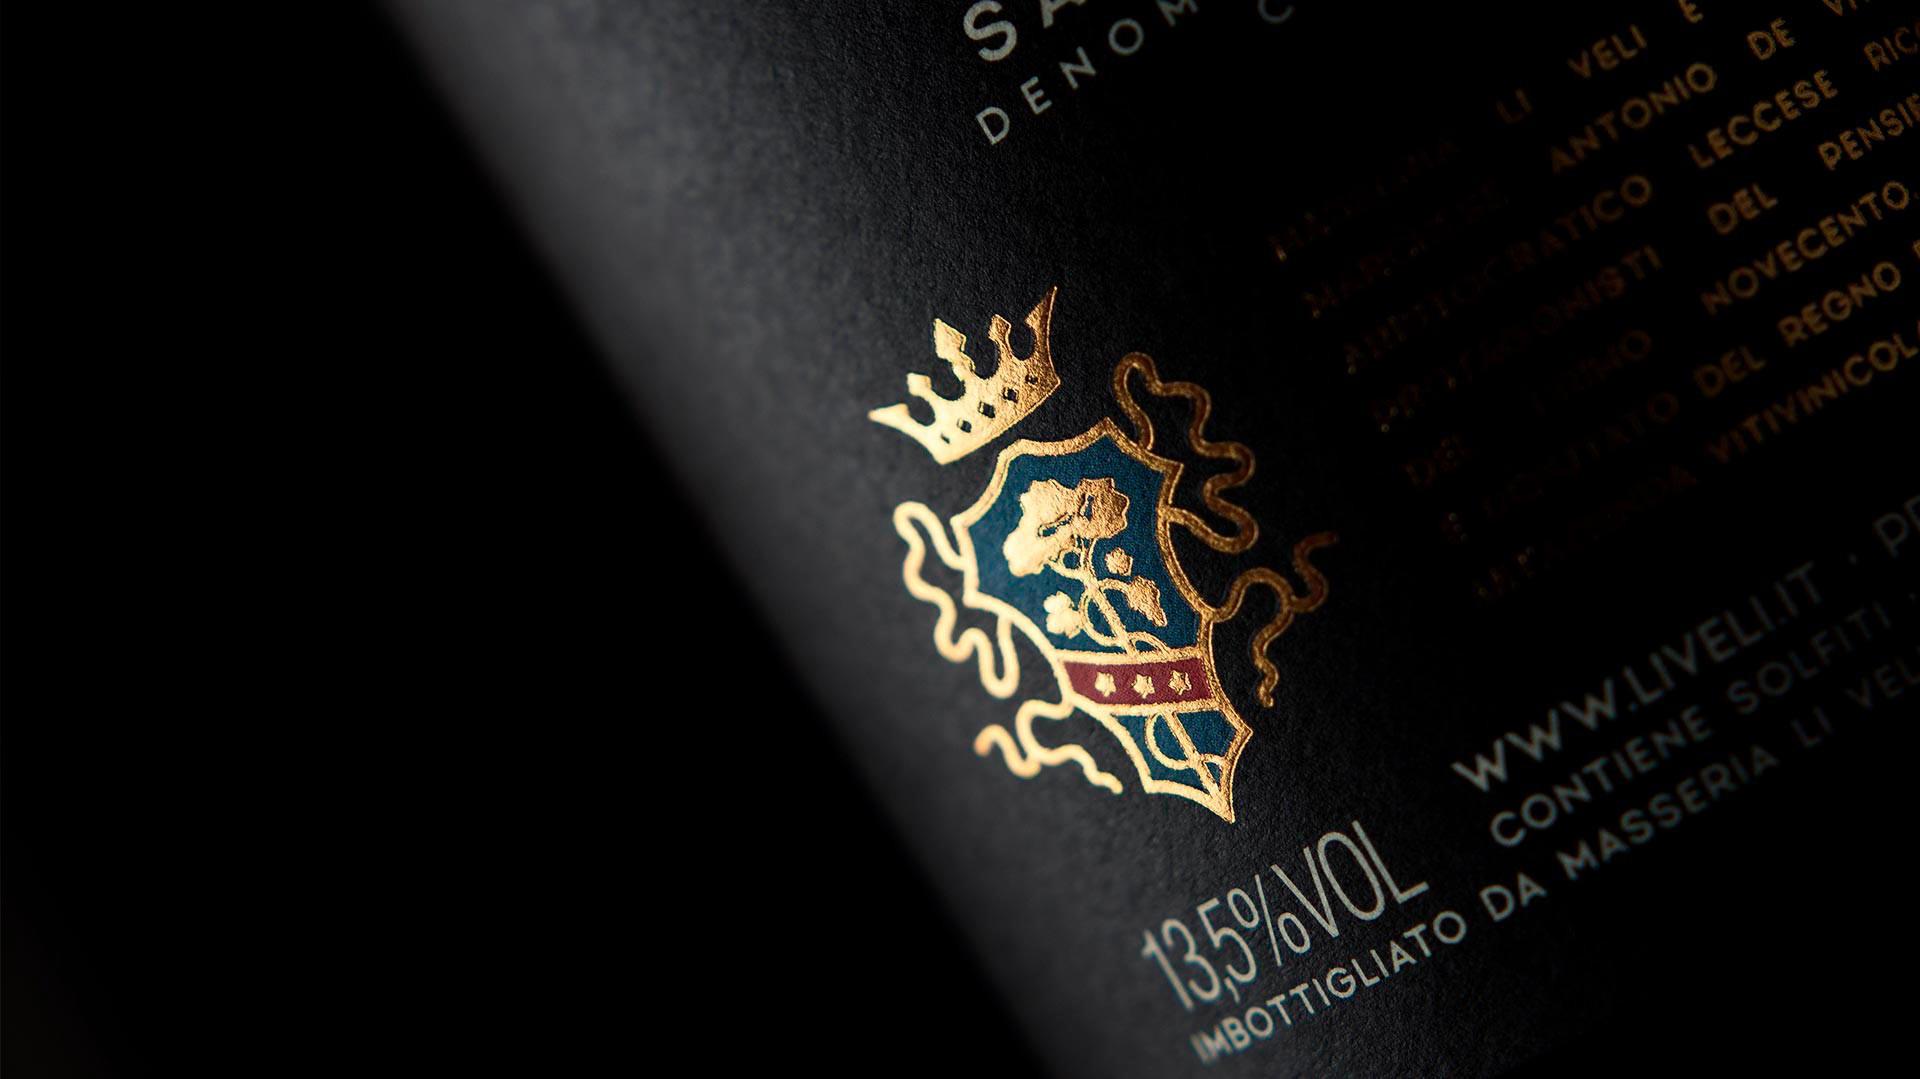 MAD13 Masseria Li Veli Passamante macro 1920 - Label Design Etichette vini Masseria Li Veli